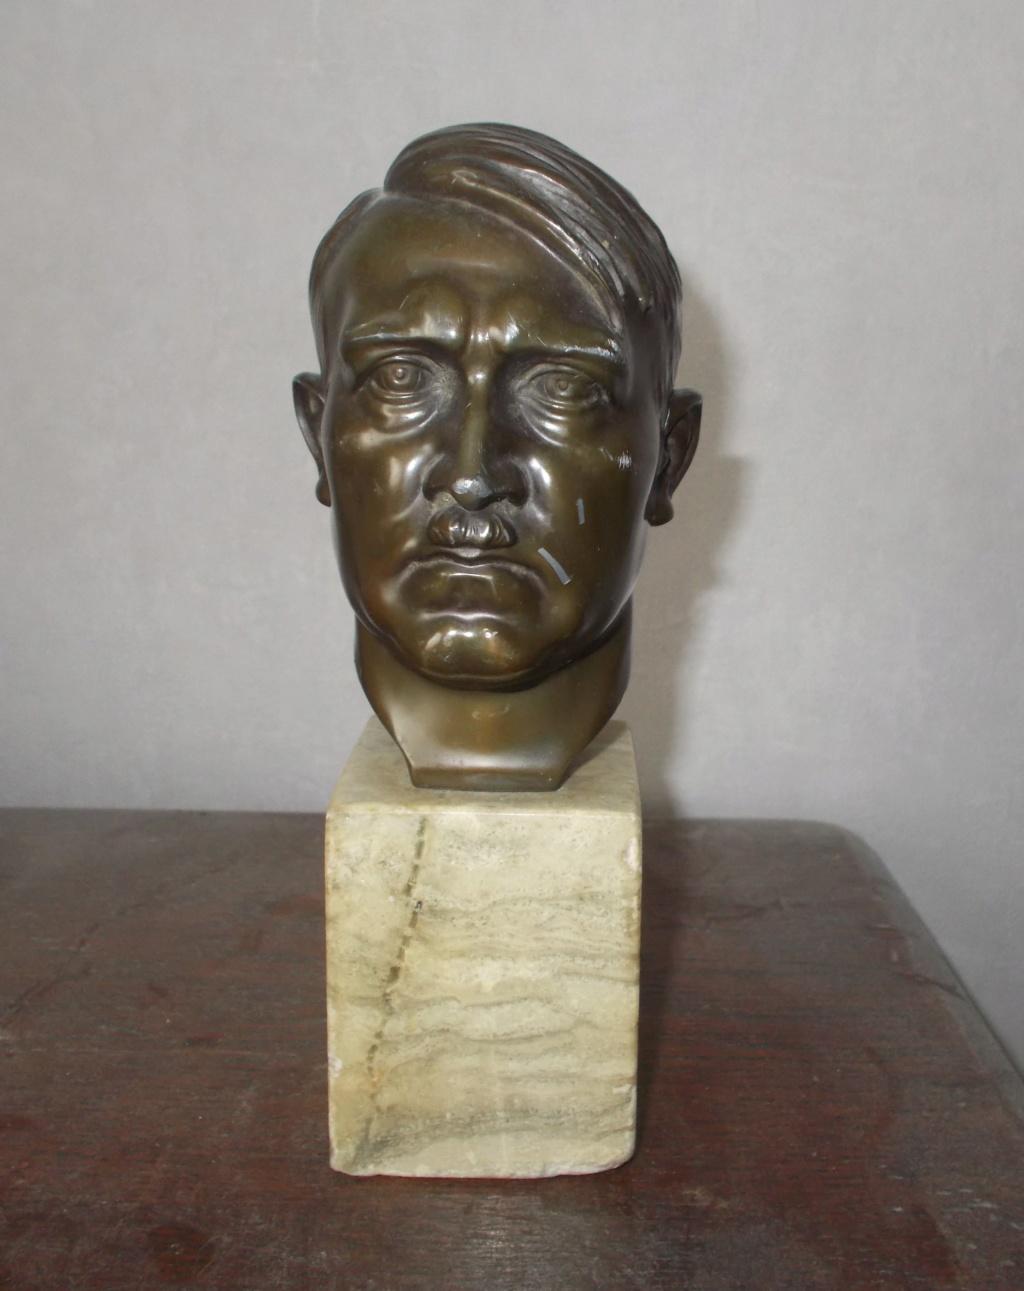 Un buste d'Adolf Hitler pour moi ce matin  Dscn4511